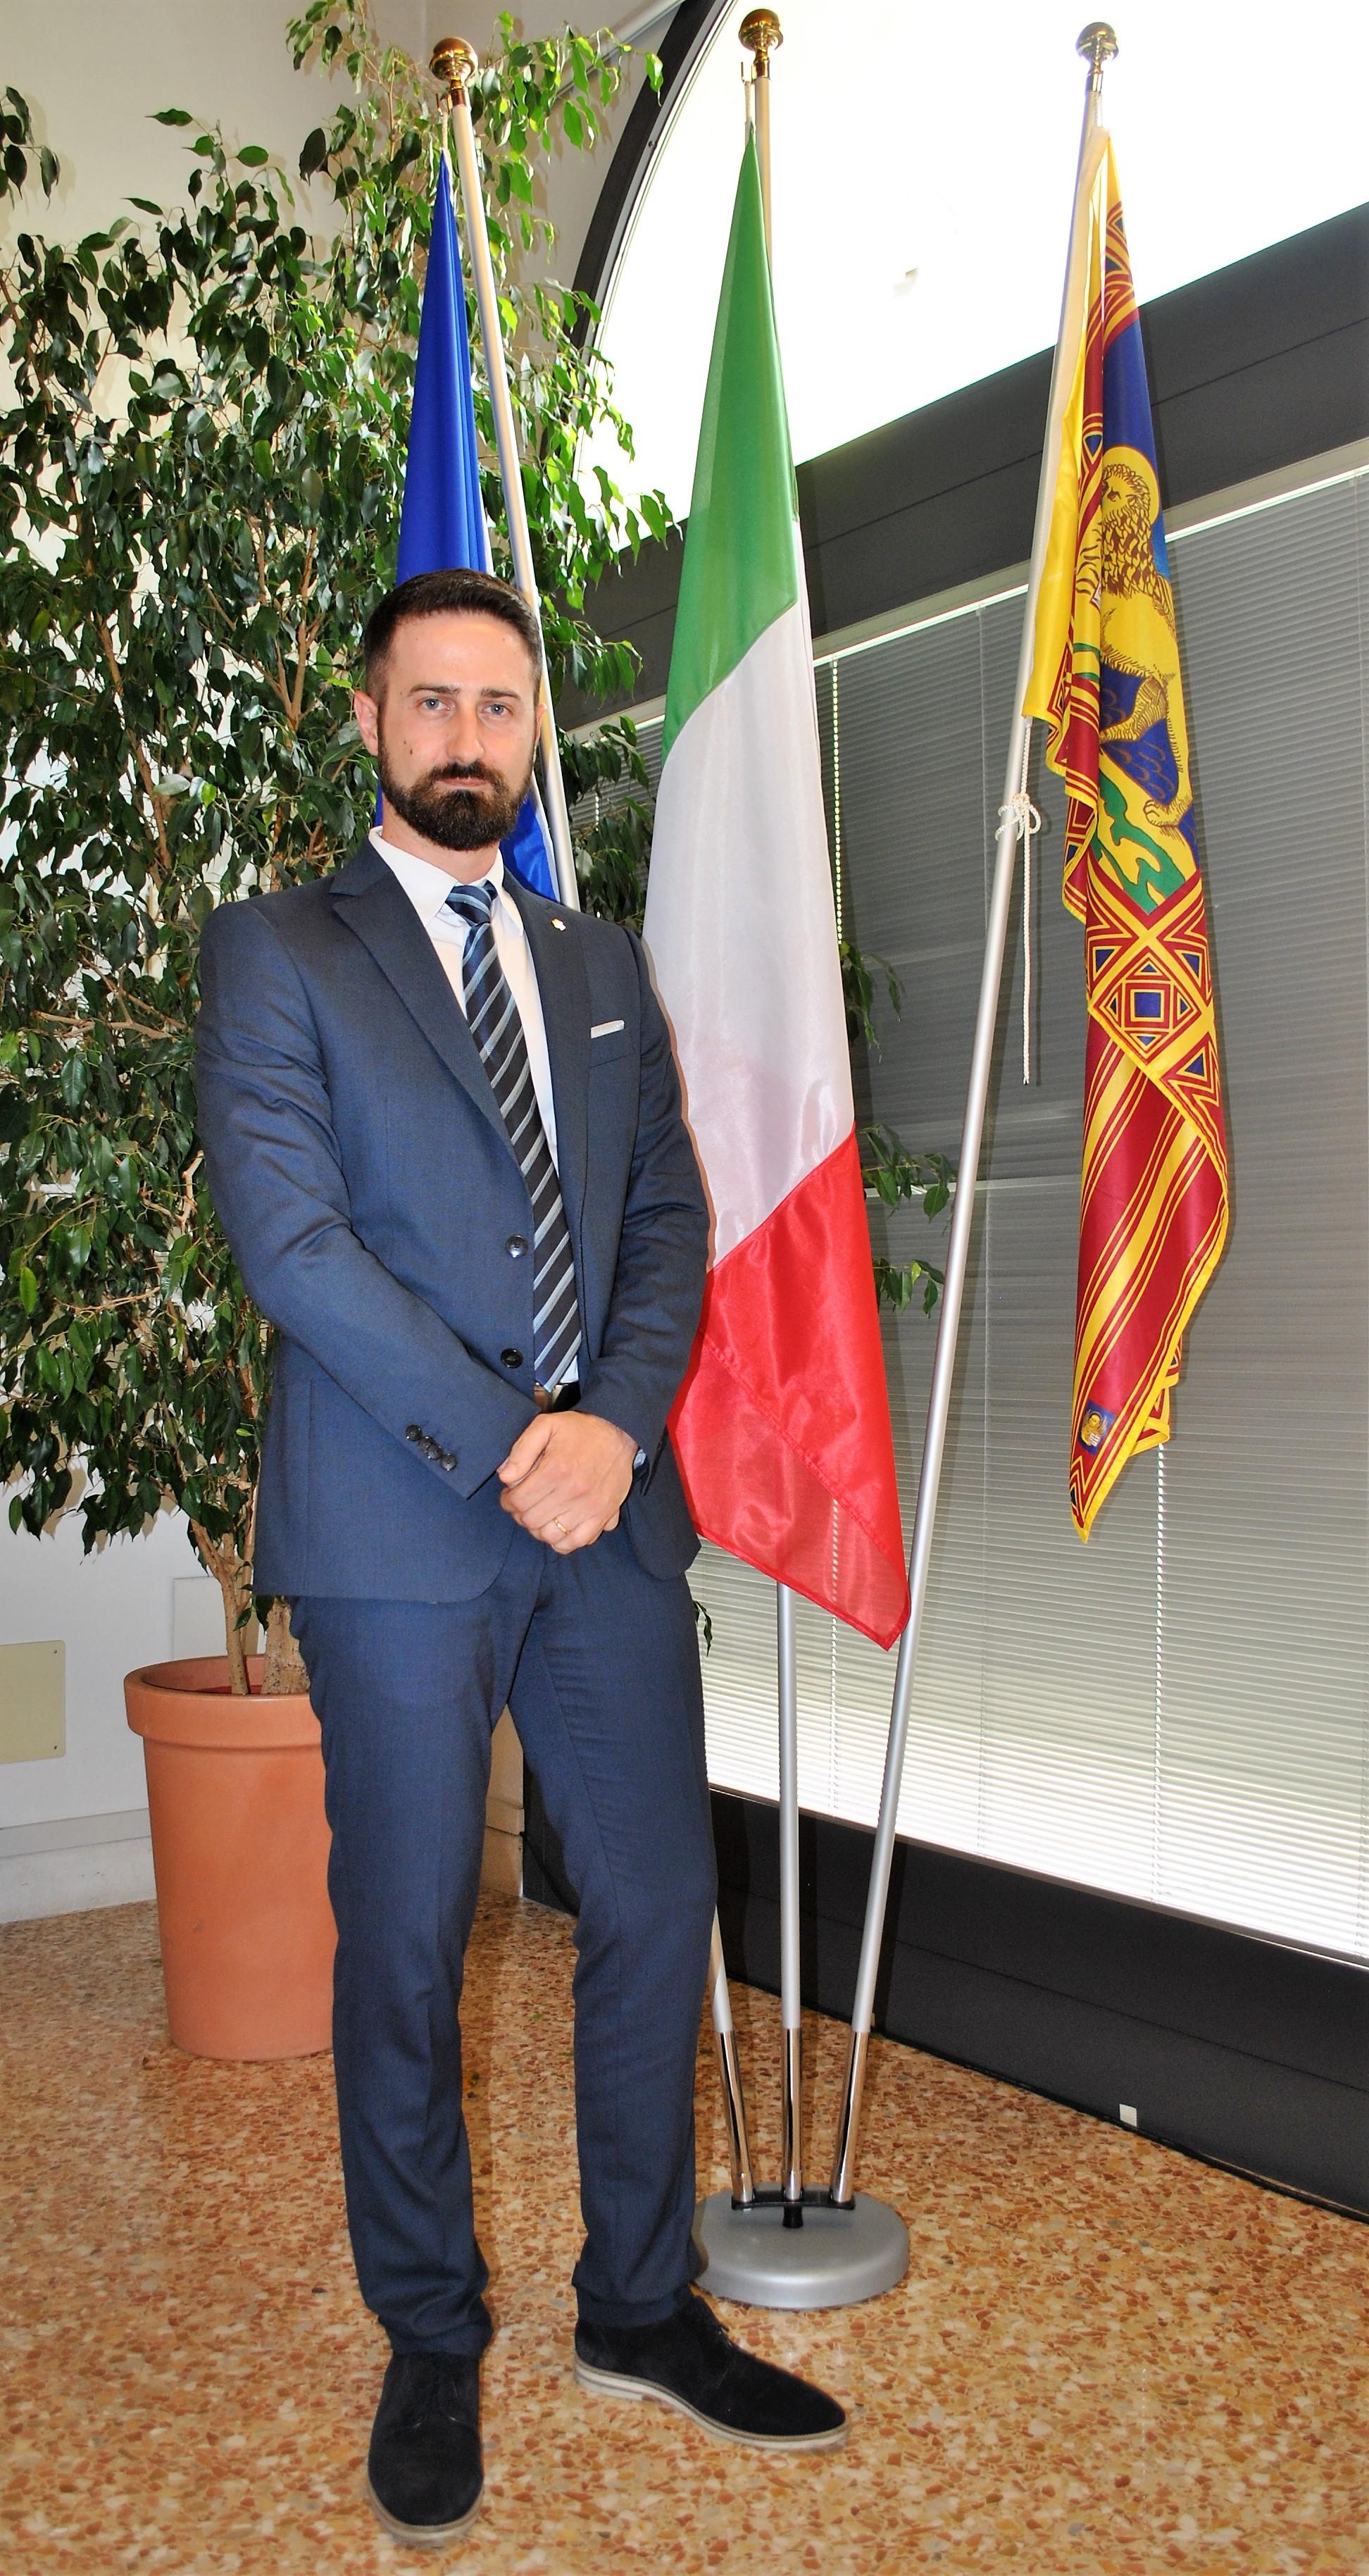 Marco Candiago